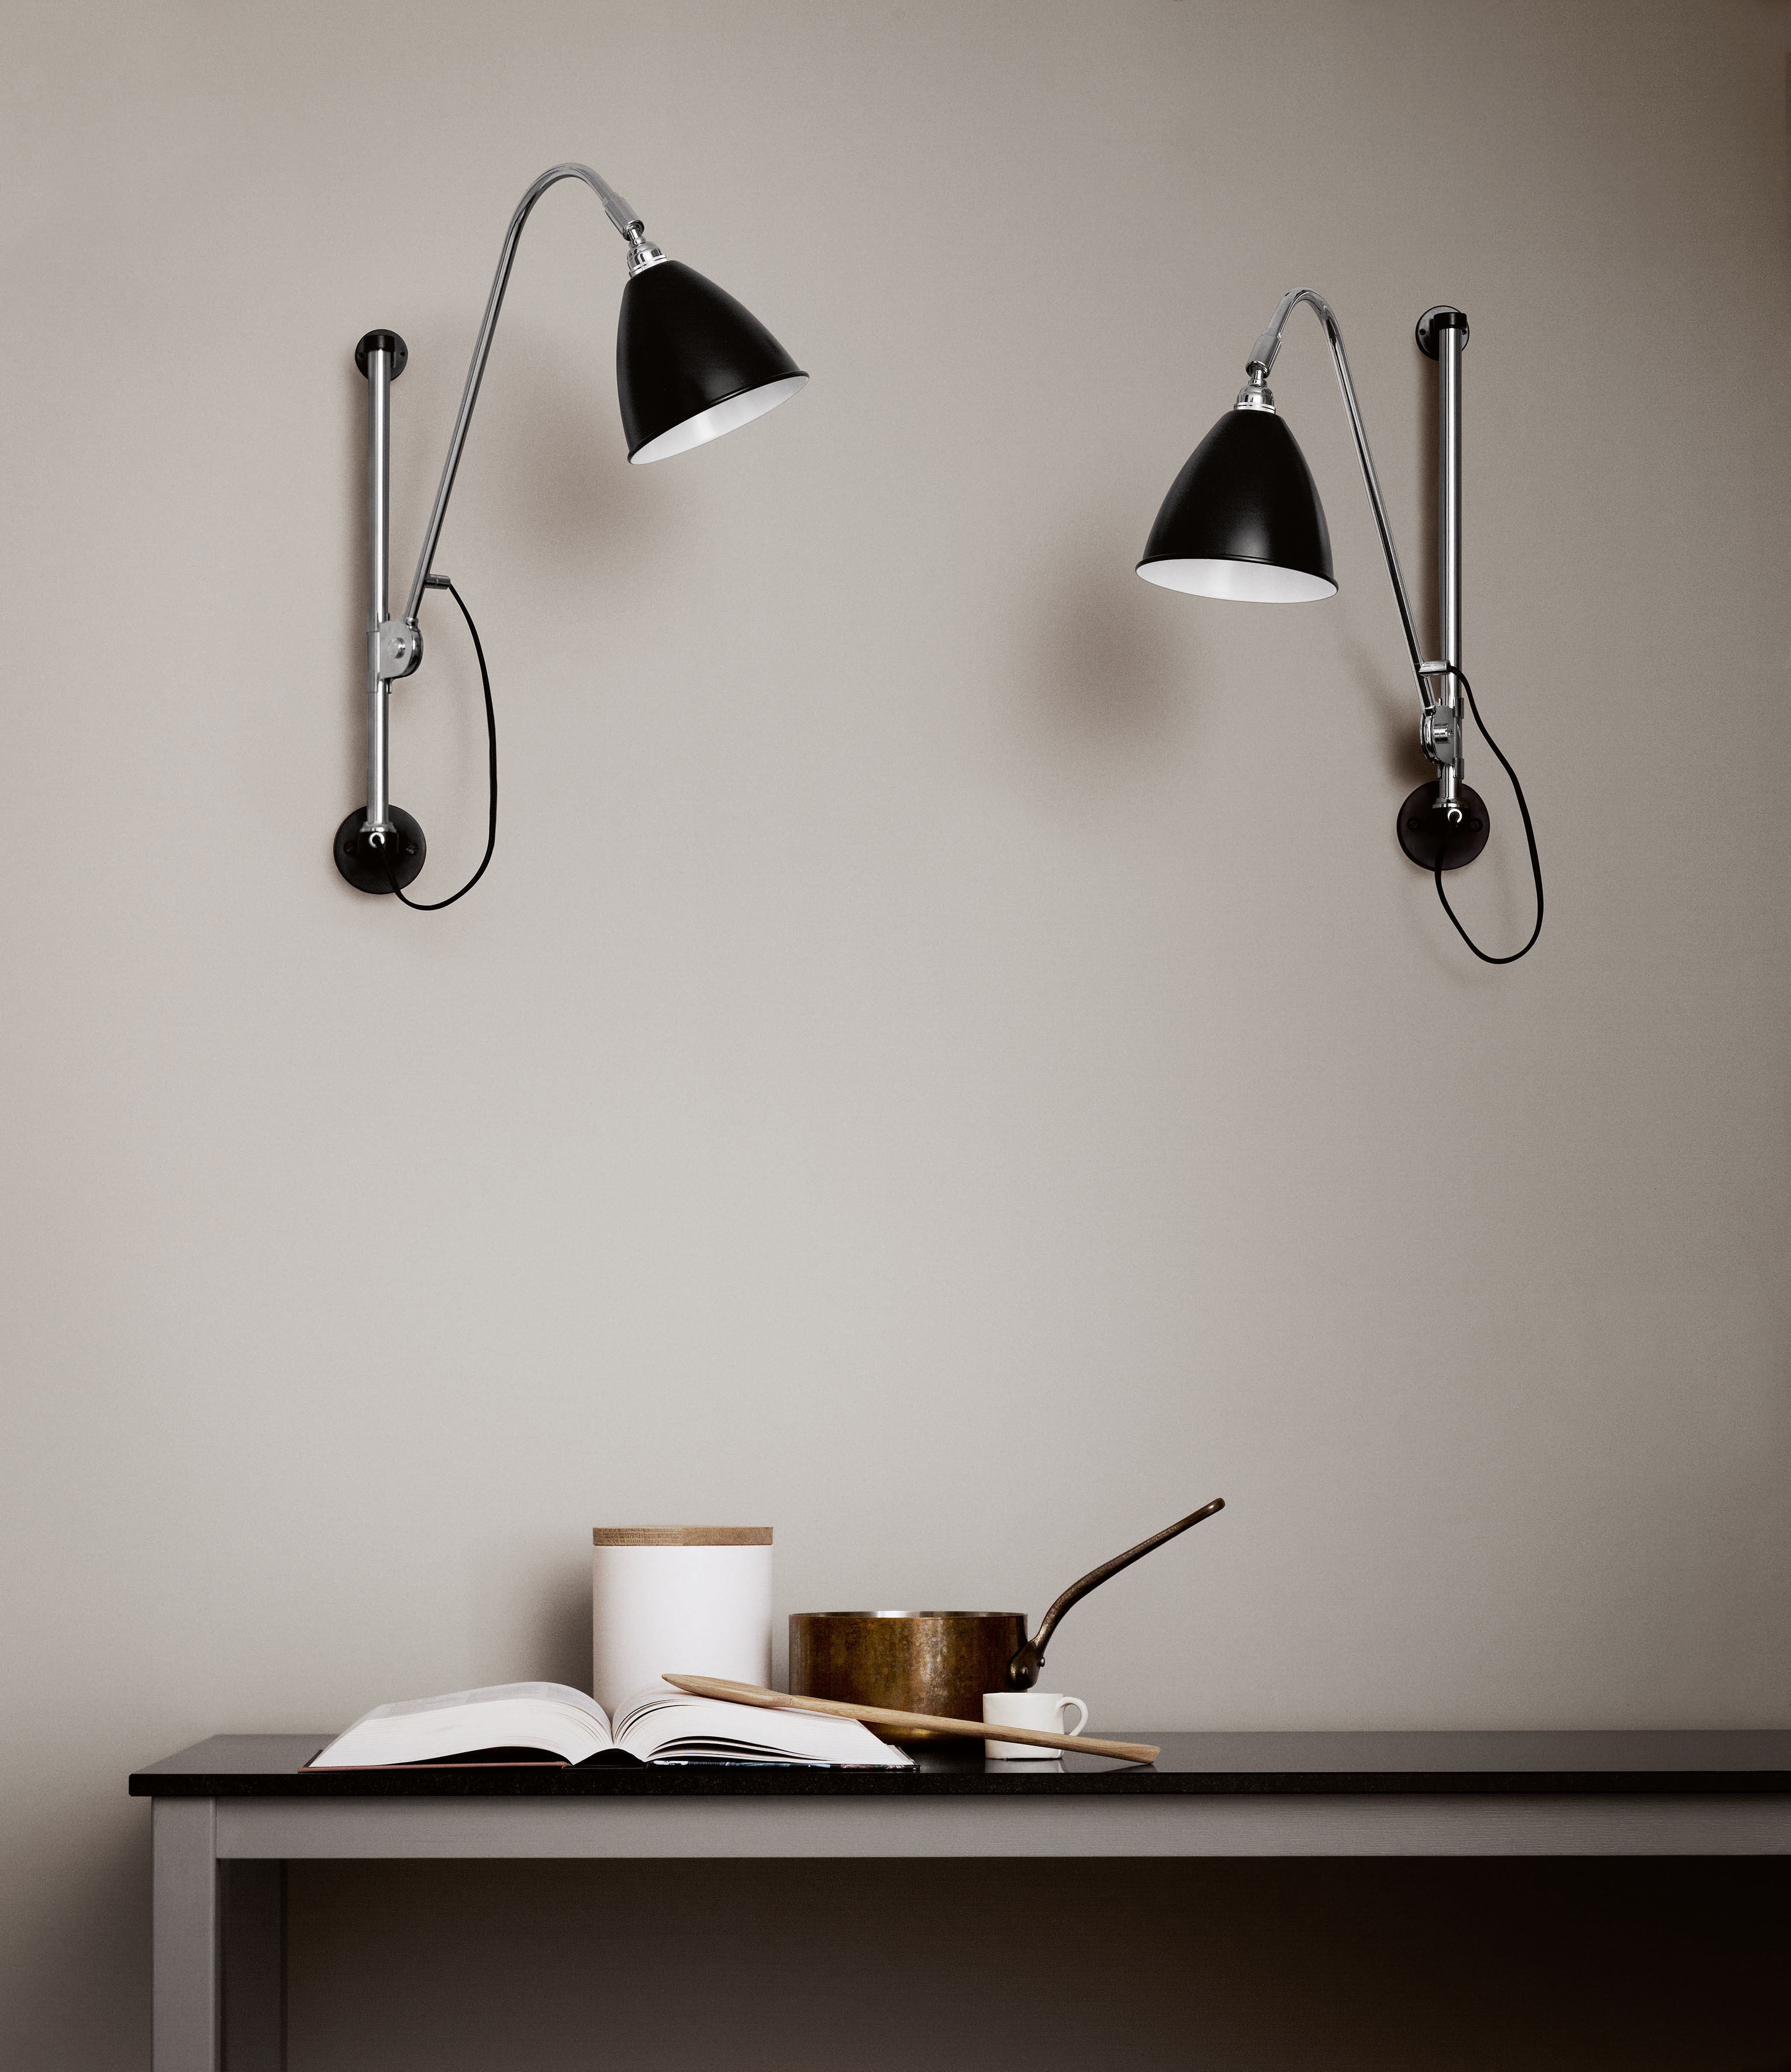 bestlite bl5 wall light reissue 1930 black by gubi. Black Bedroom Furniture Sets. Home Design Ideas